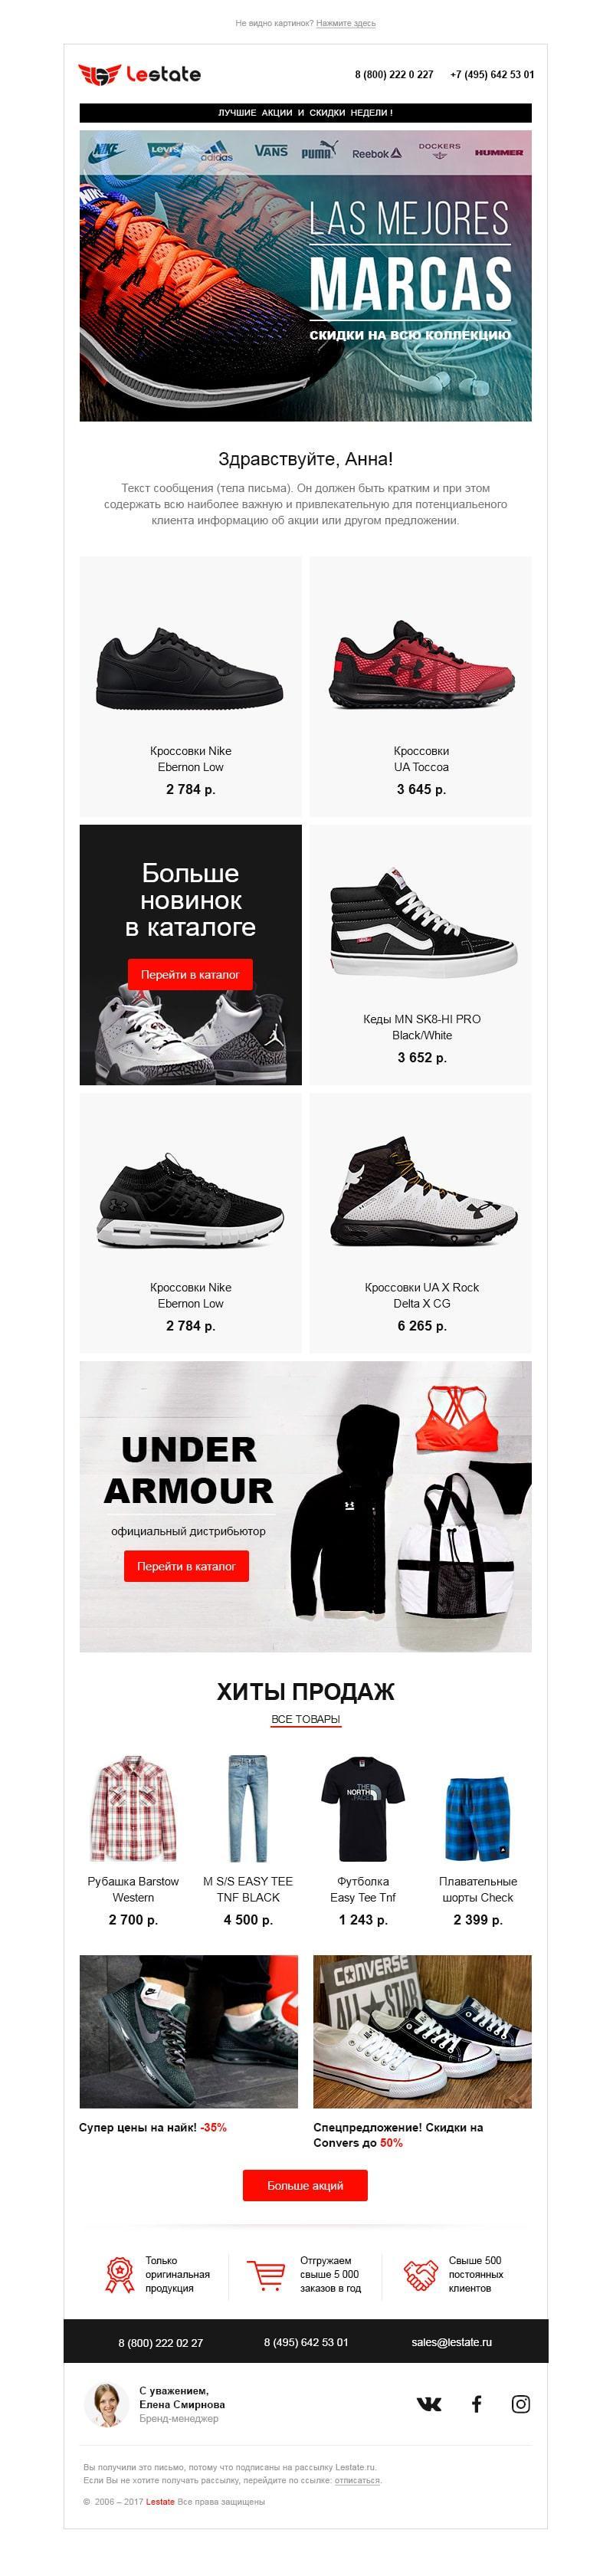 Новинки и хиты продаж в магазине обуви и спортивной одежды: